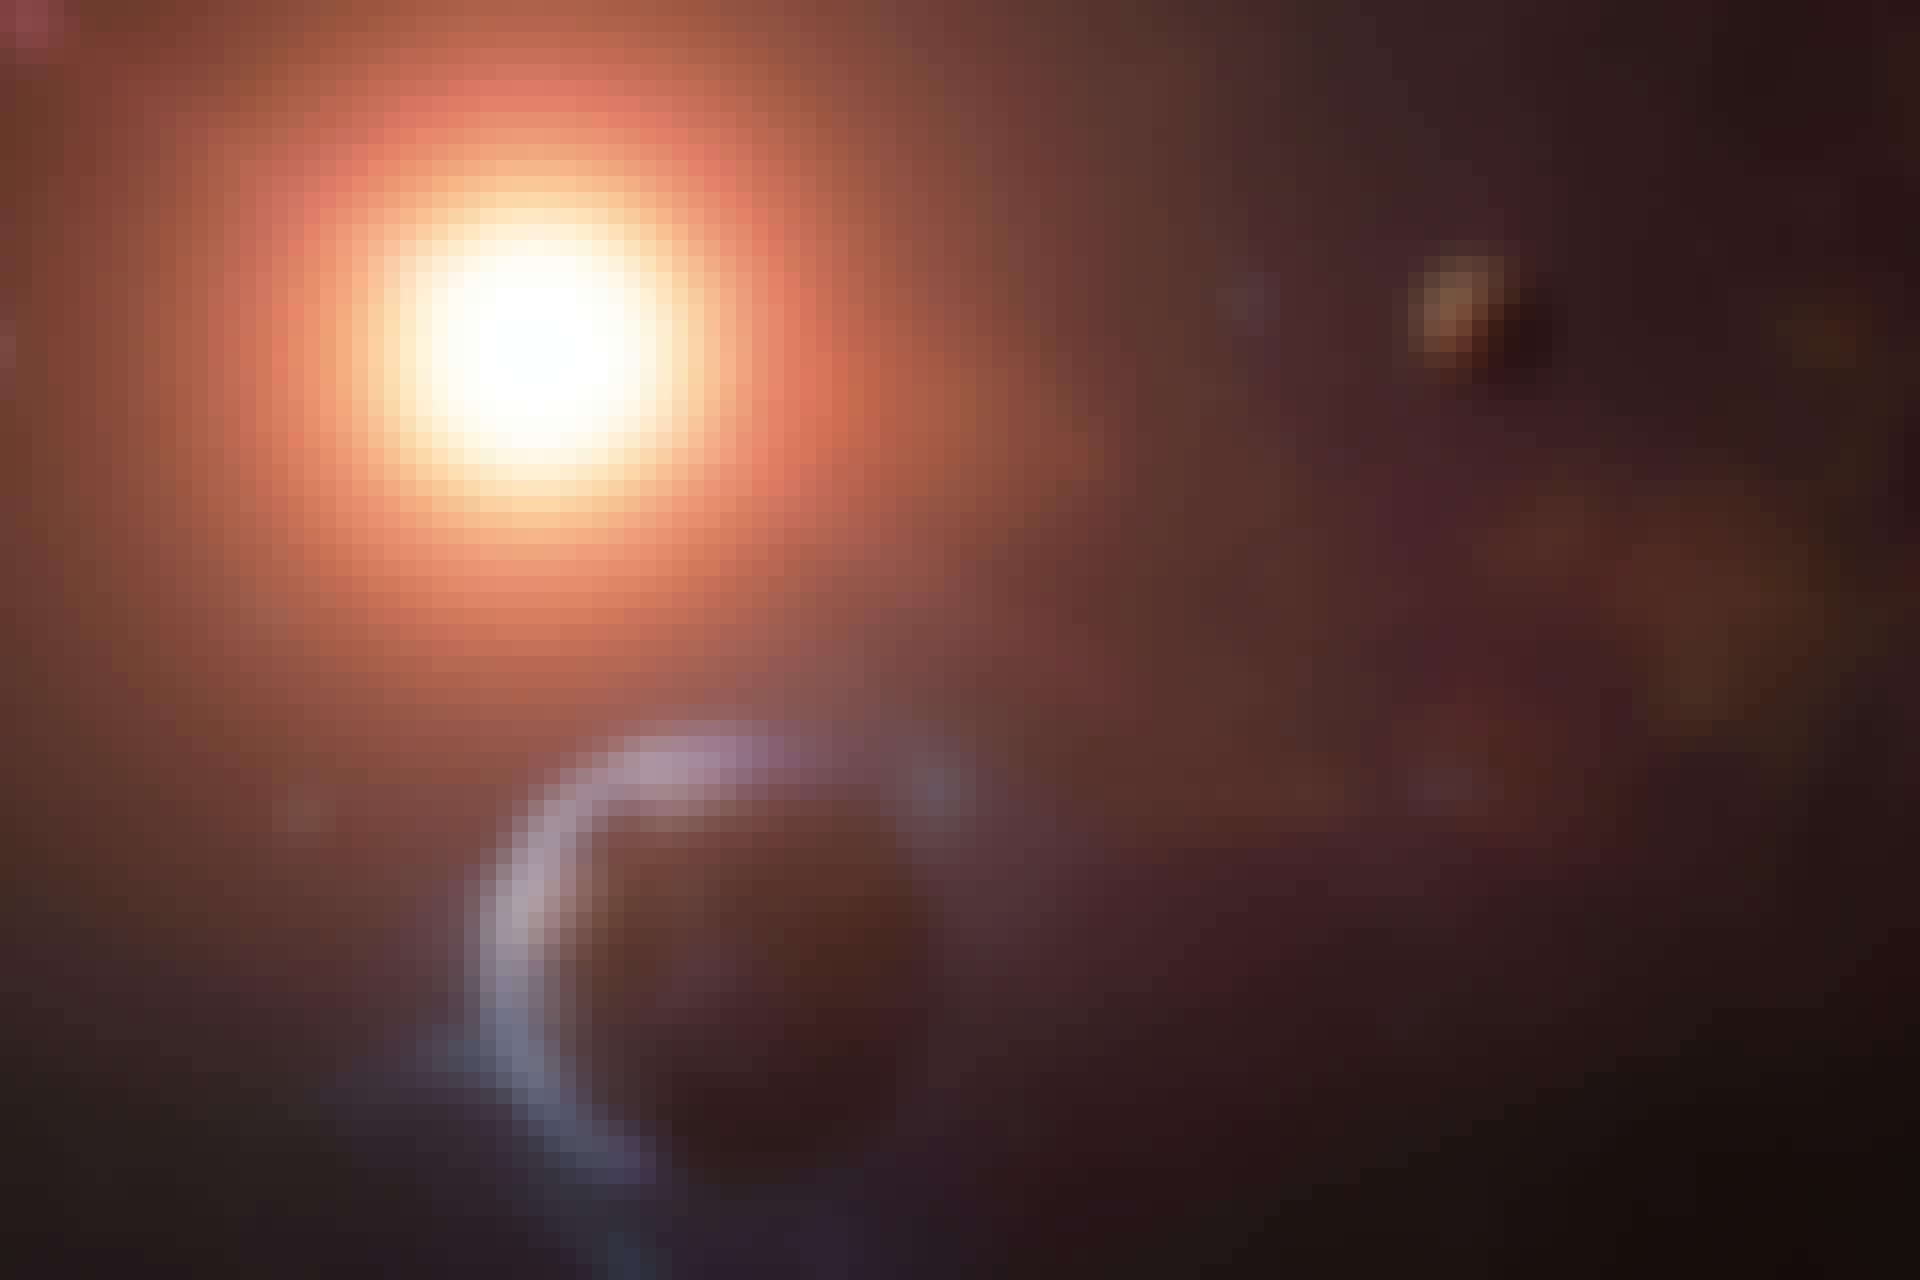 Hvor raskt beveger vi oss i universet?